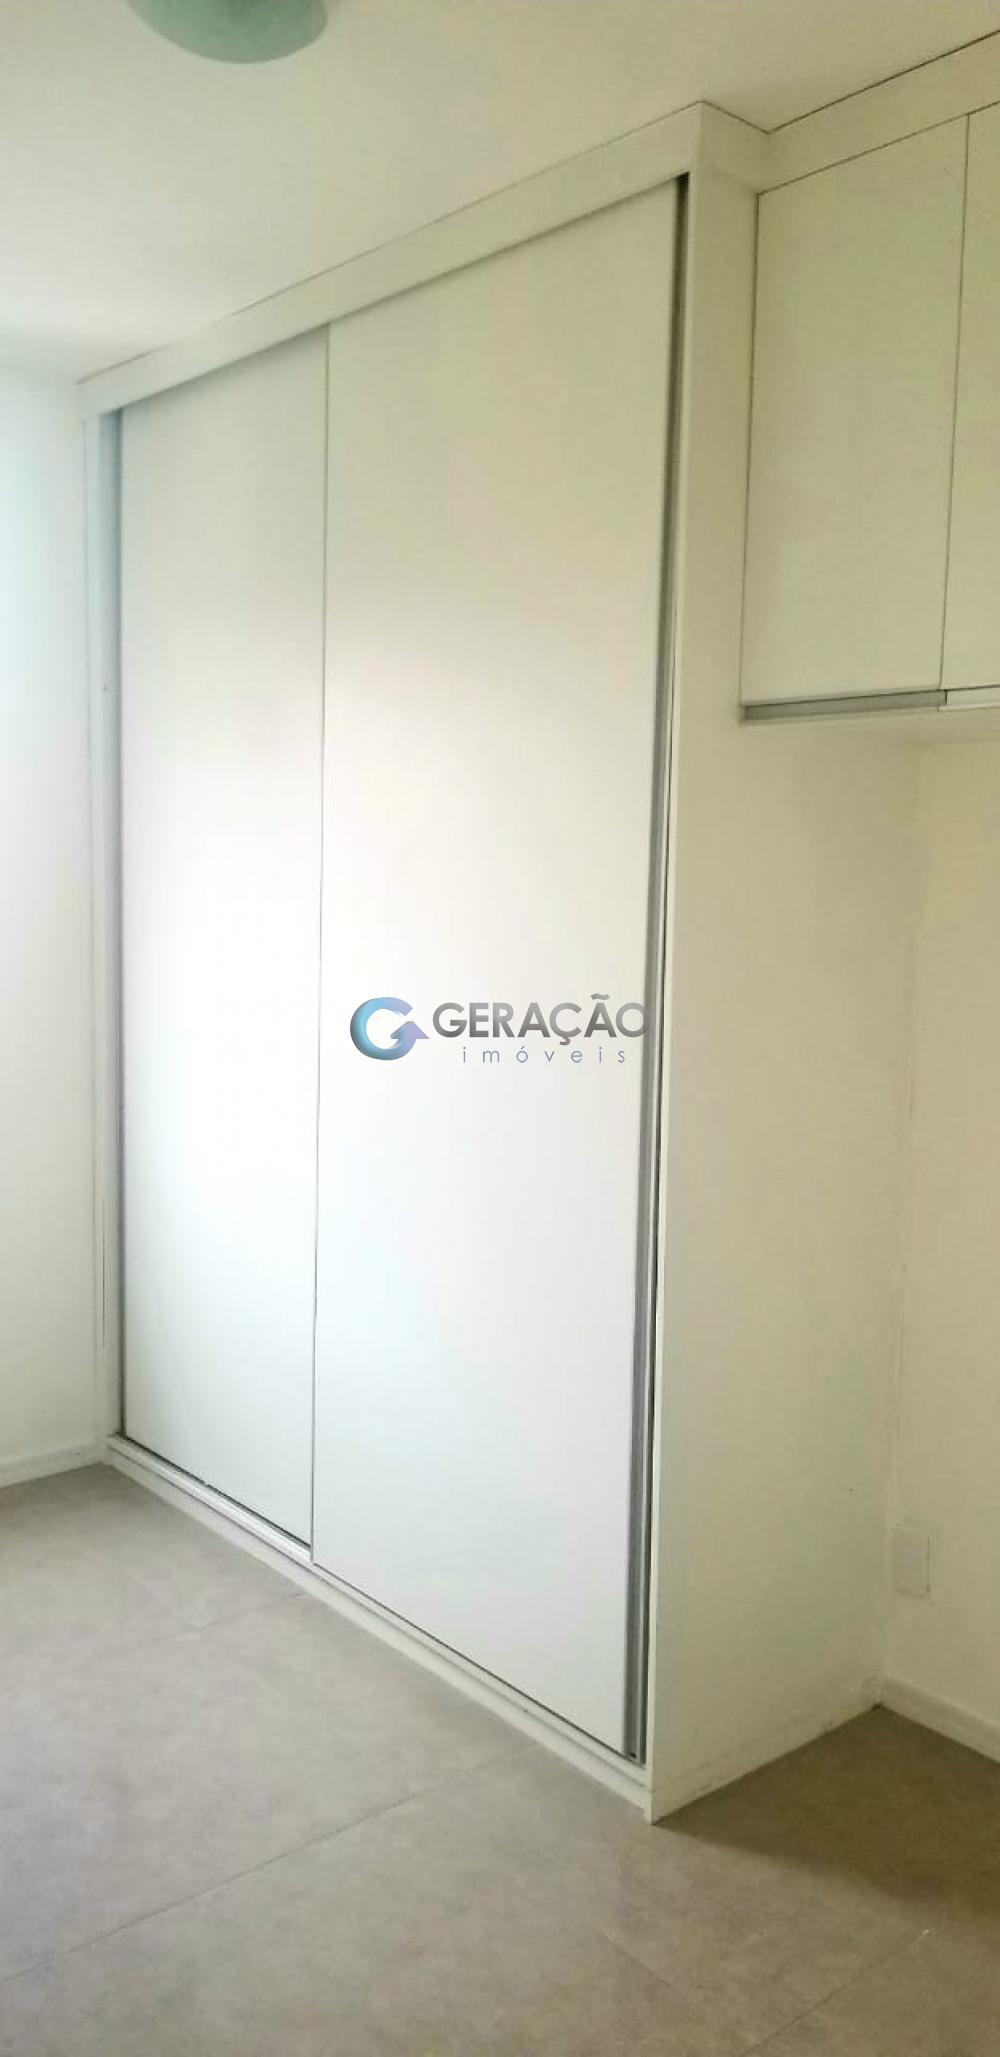 Alugar Apartamento / Padrão em São José dos Campos apenas R$ 1.100,00 - Foto 9